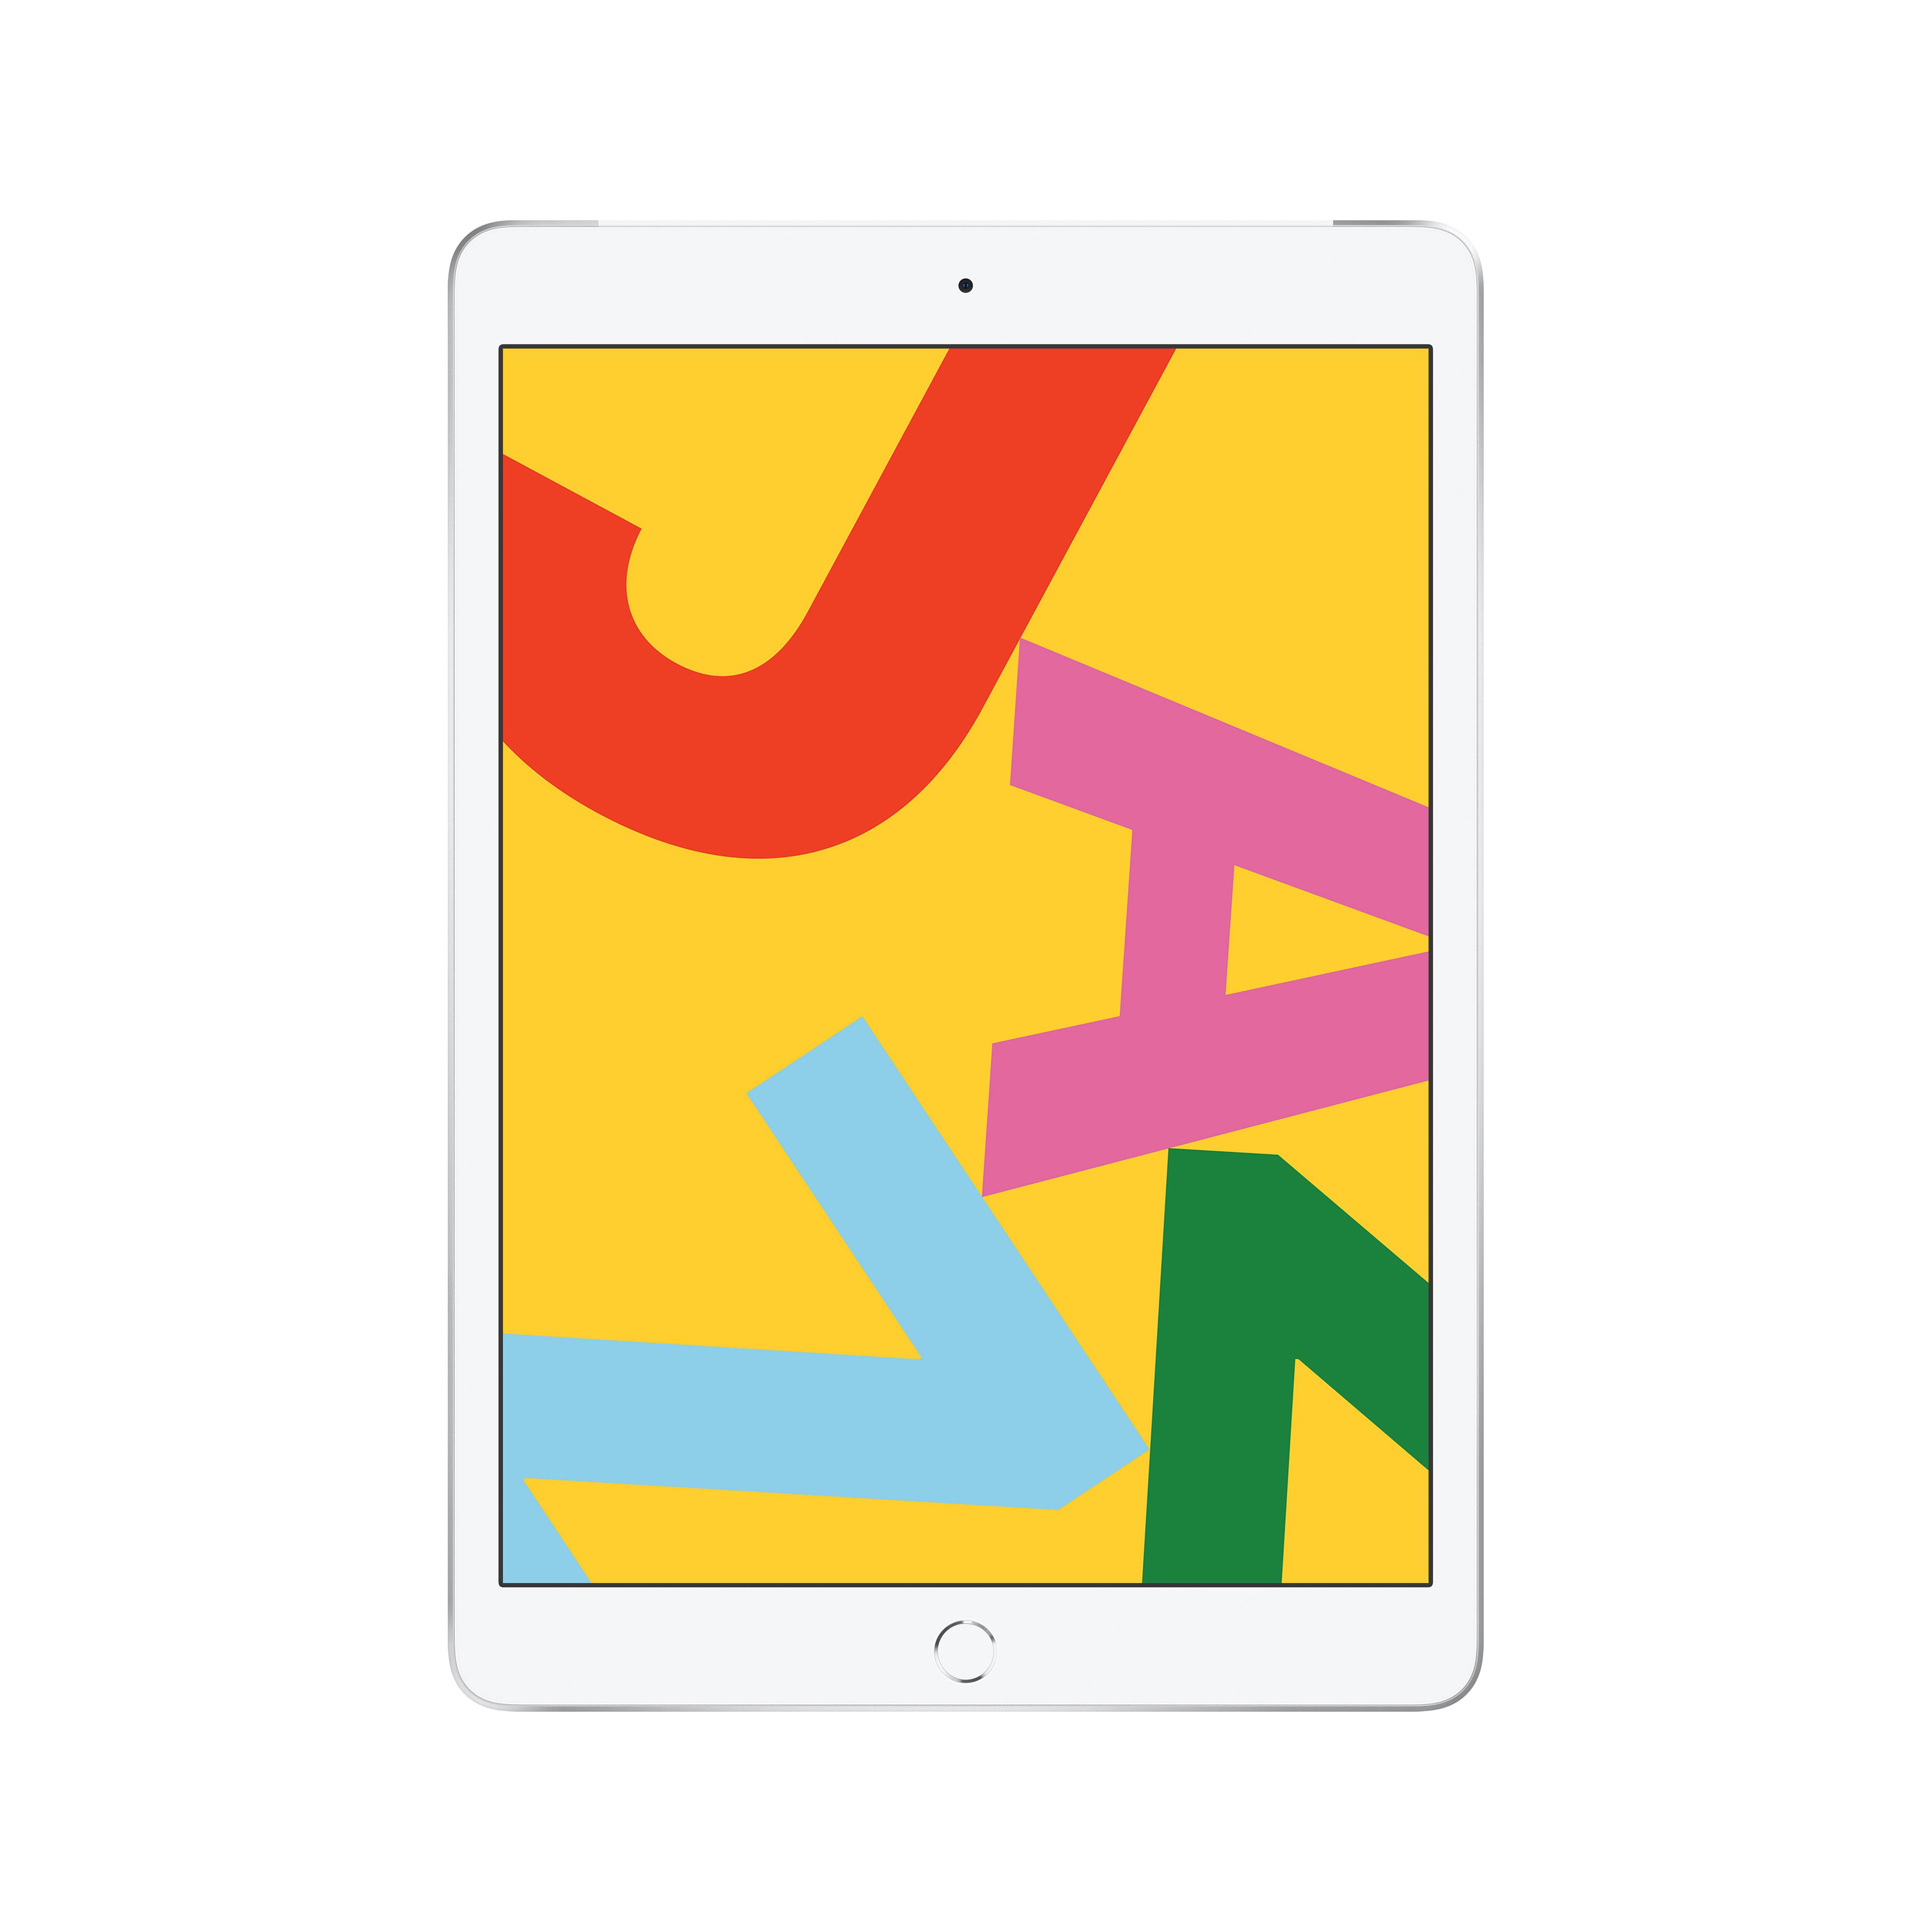 Планшет Apple iPad (2019 New) Wi-Fi + Cellular 10.2 128 GB Silver (MW6F2RU/A) фото